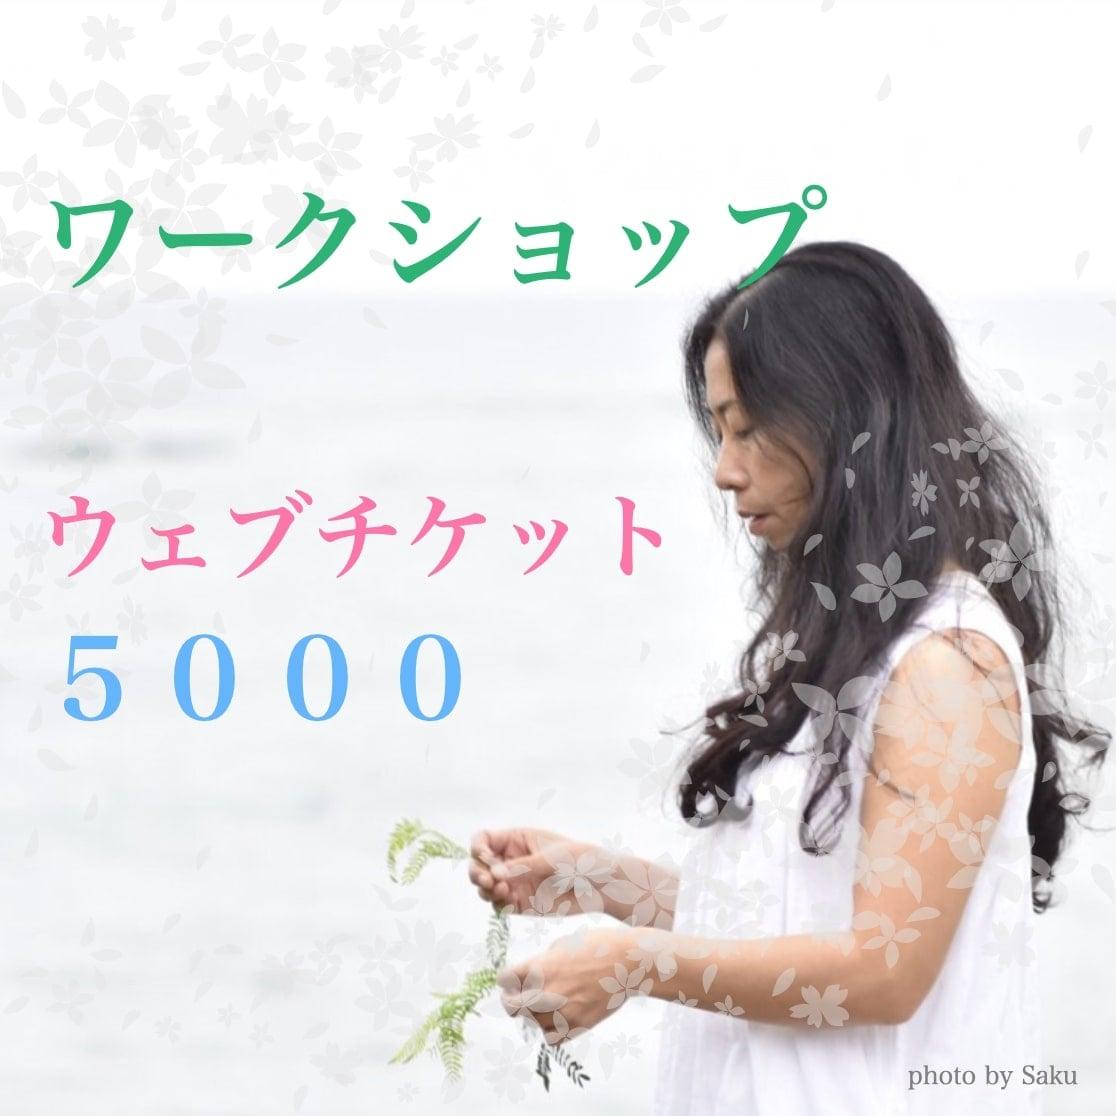 ワークショップ「5,000円ウェブチケット」のイメージその1